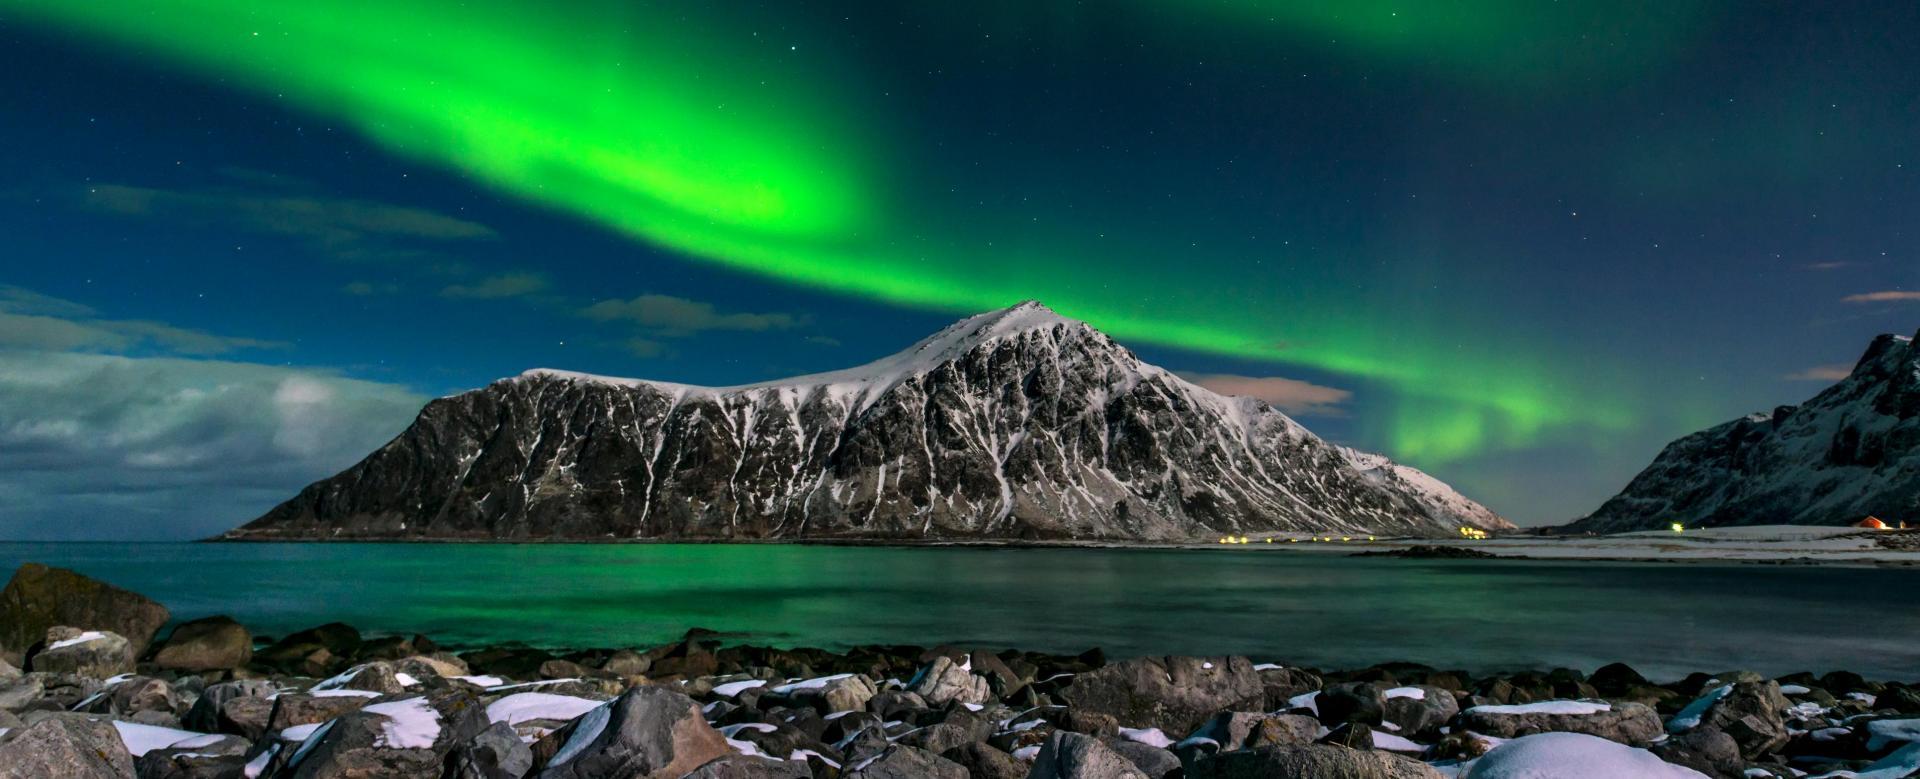 Voyage à la neige Norvège : Multiactivités sur l'île de senja